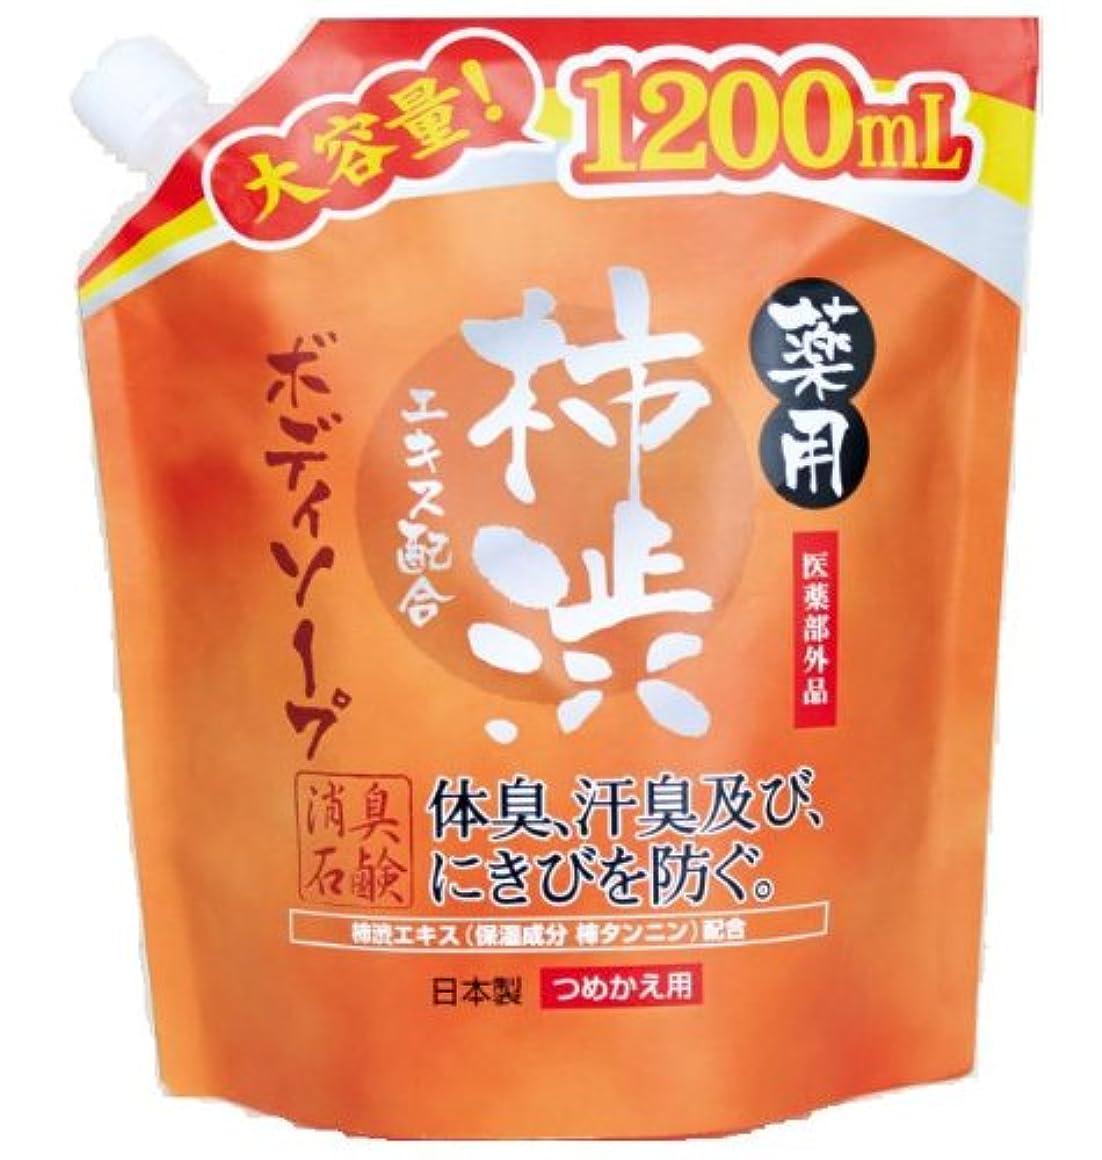 損なう散髪卵薬用柿渋 ボディソープ 大容量 (つめかえ用) 1200mL 【医薬部外品】